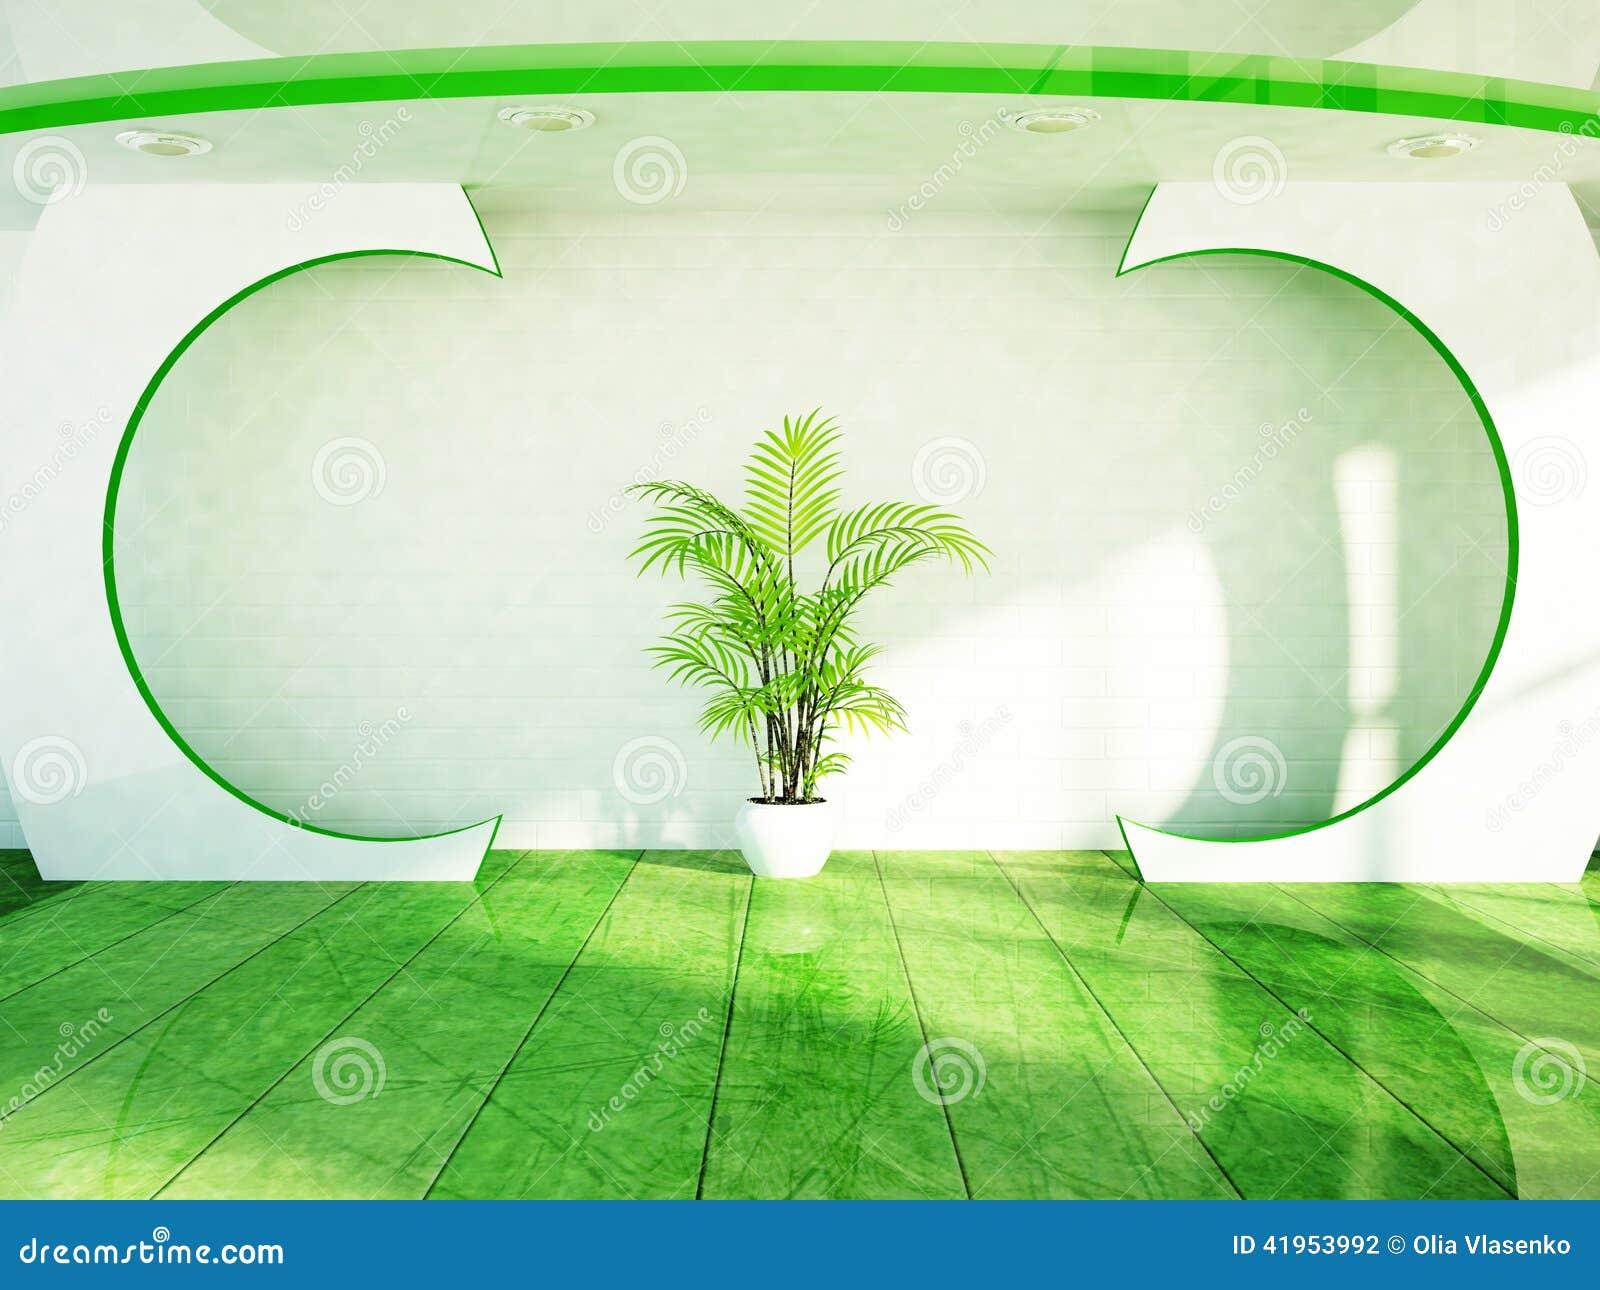 Zielona roślina jest na pokoju